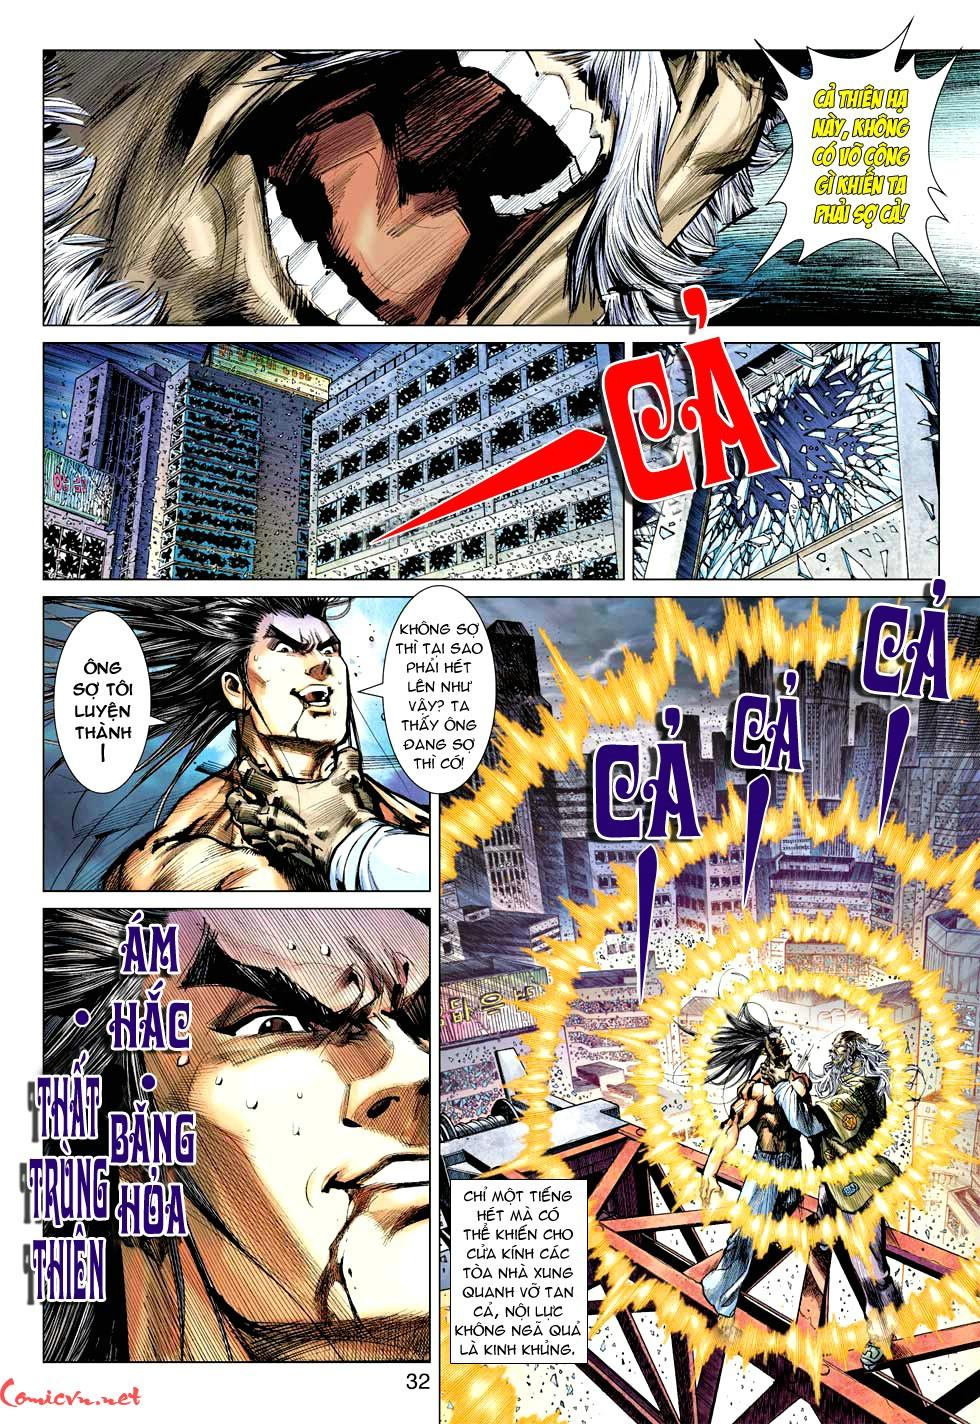 Vương Phong Lôi 1 chap 49 - Trang 33